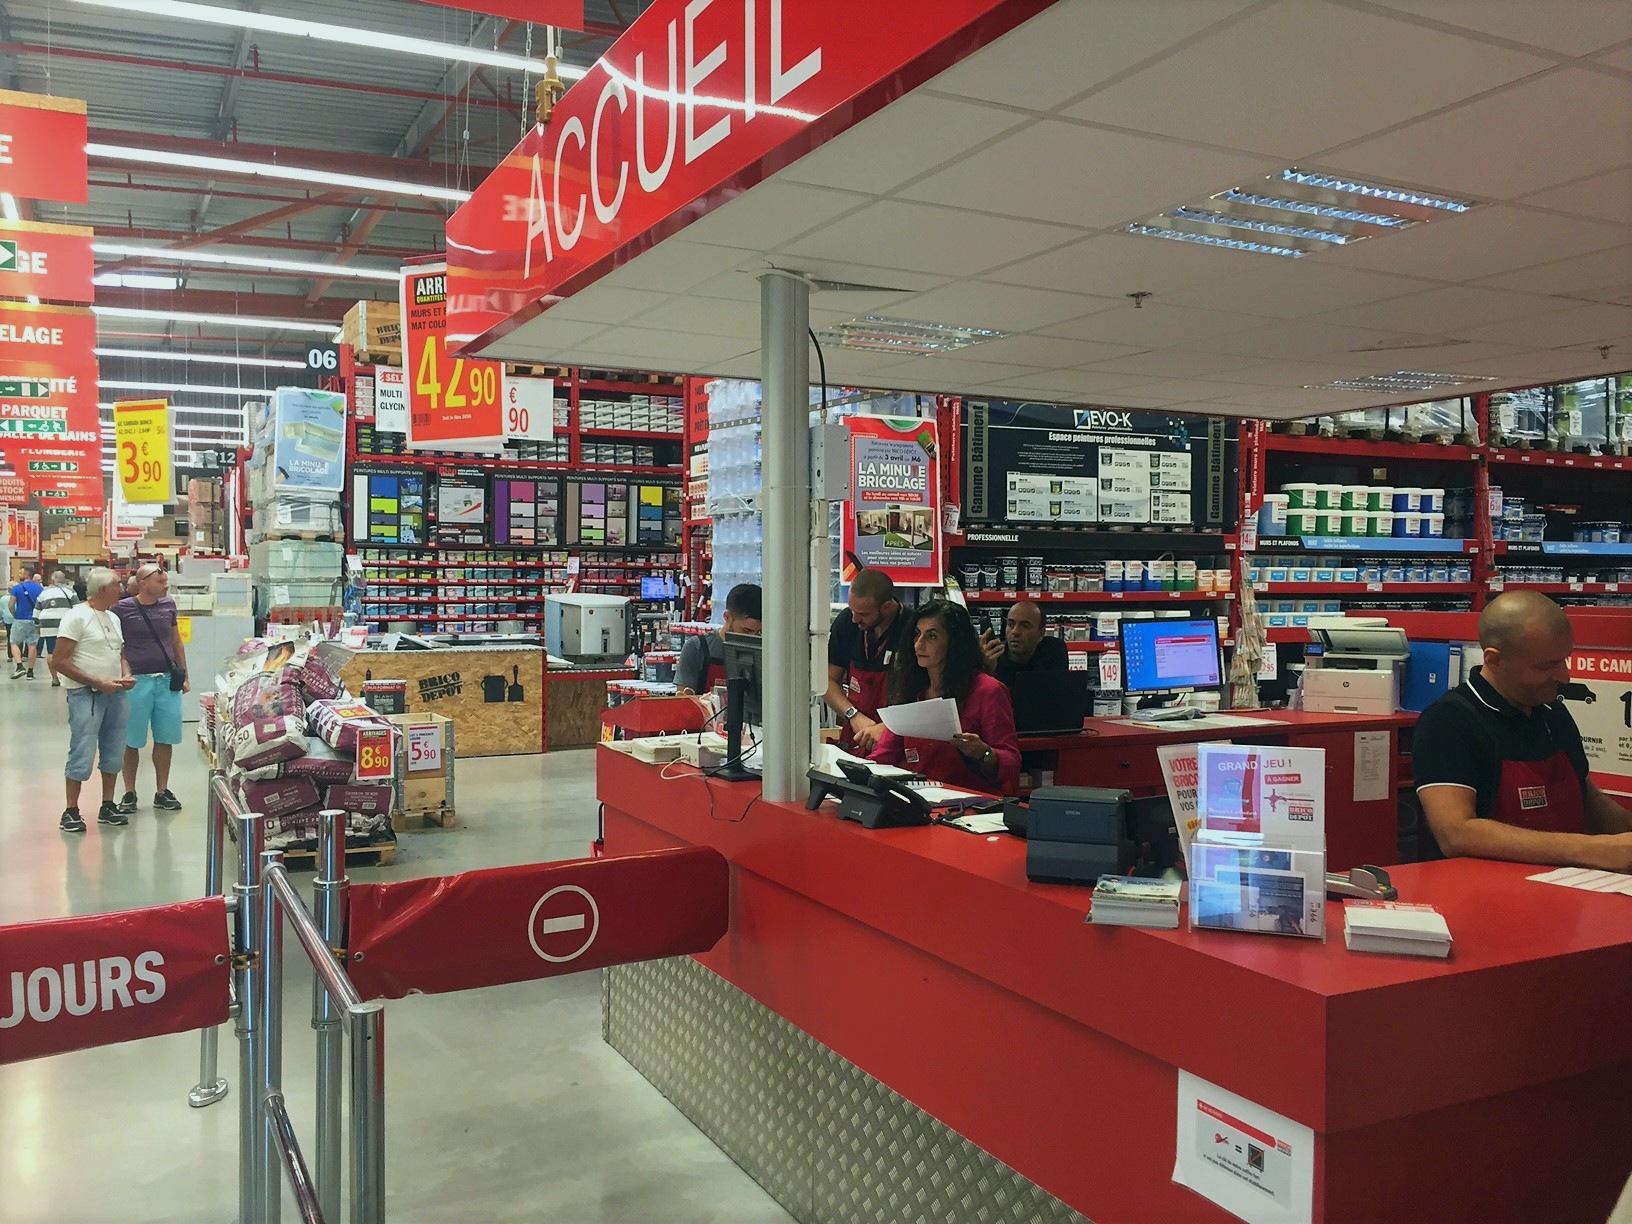 Garage Bois Auchan Unique Photos Piscine Auchan Beau Brico Depot Abri De Jardin Nouveau Garage Le